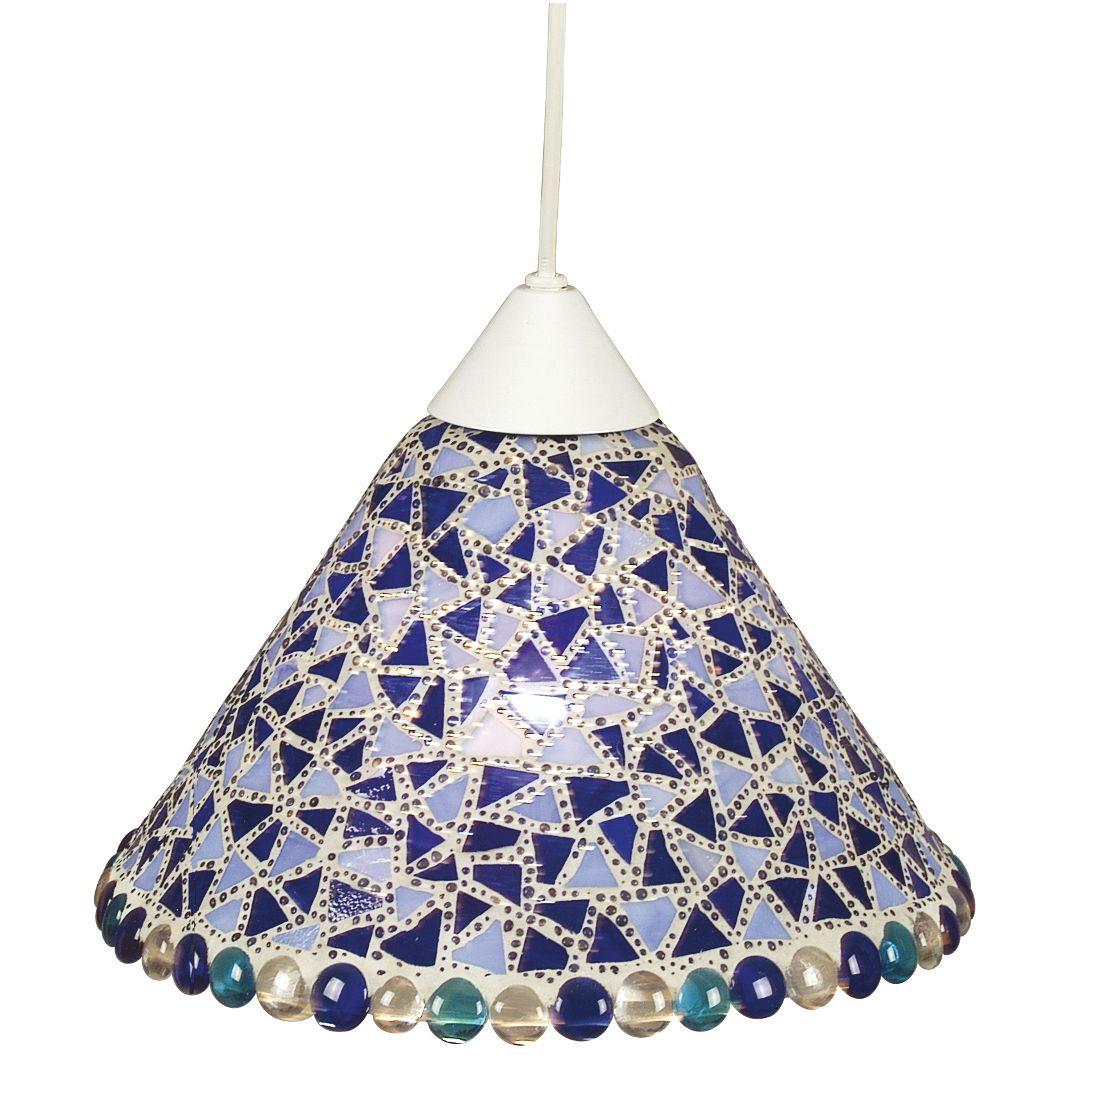 Mosaik-Pendelleuchte - Blau, Lux